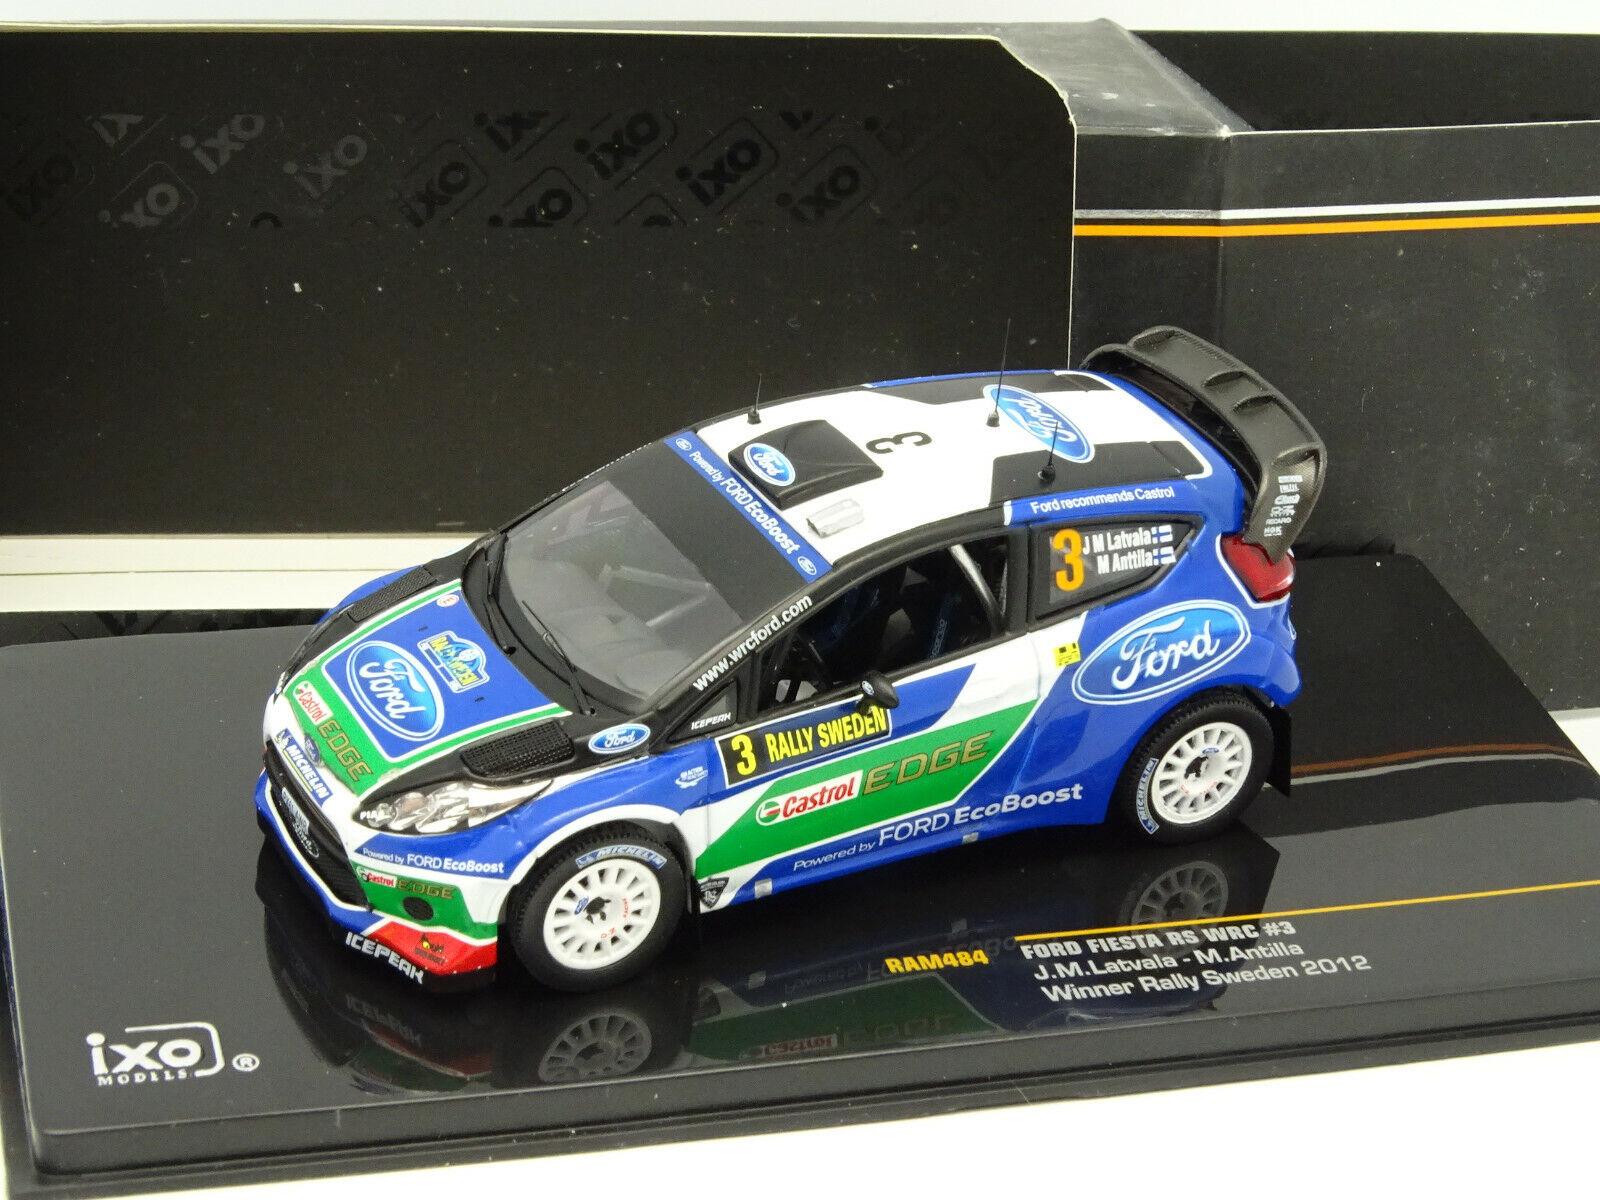 saldi Ixo 1 43 - Ford Fiesta Rs WRC N 3 3 3 Winner Rtuttiy Svezia 2012  prezzi bassi di tutti i giorni